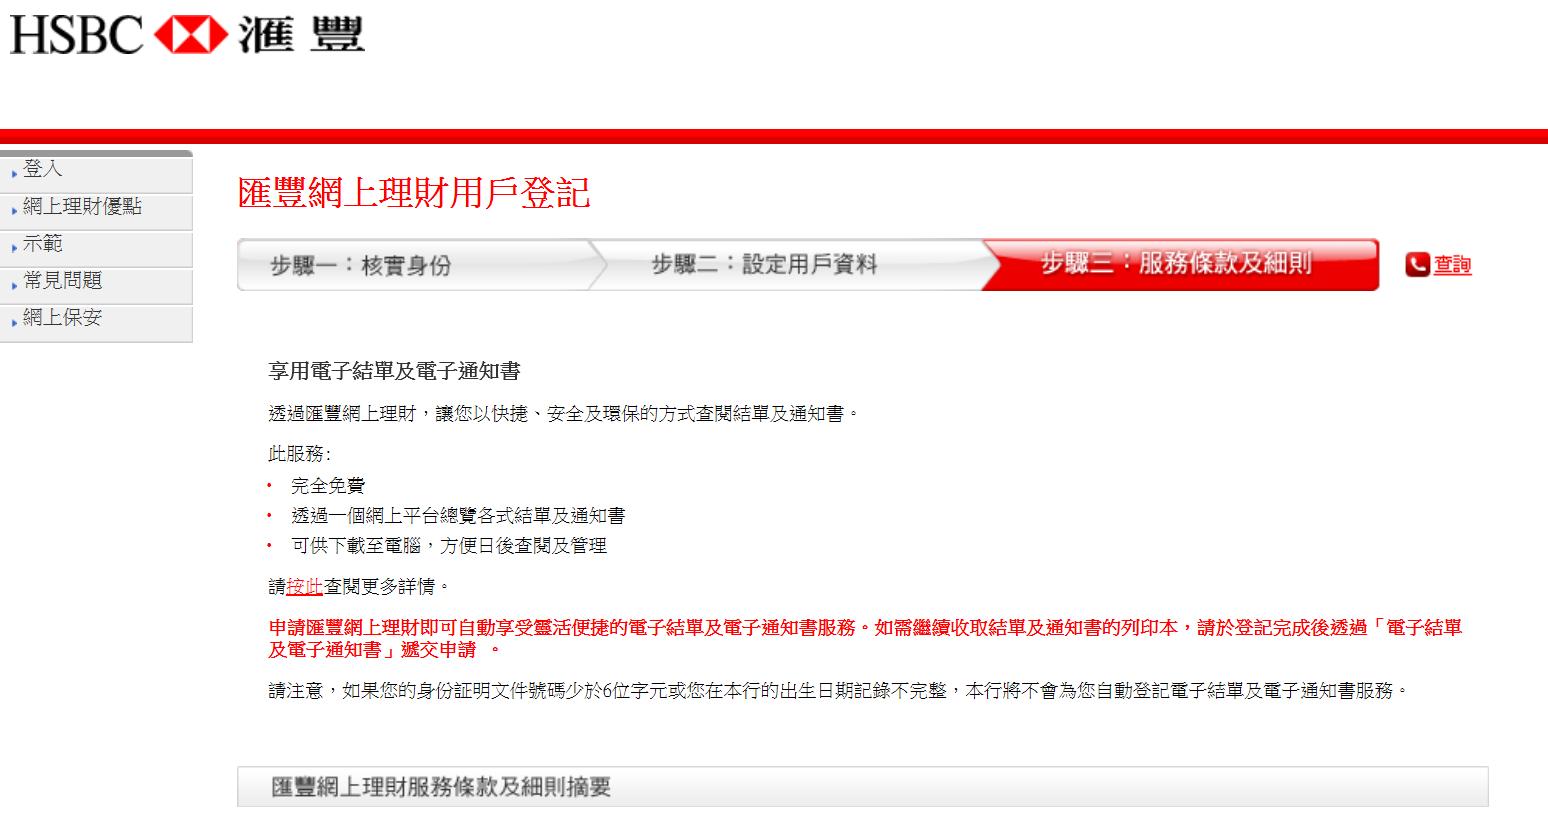 綠角財經筆記: 香港匯豐銀行(HSBC)開戶後續注意事項1—首次網路銀行登入前設定